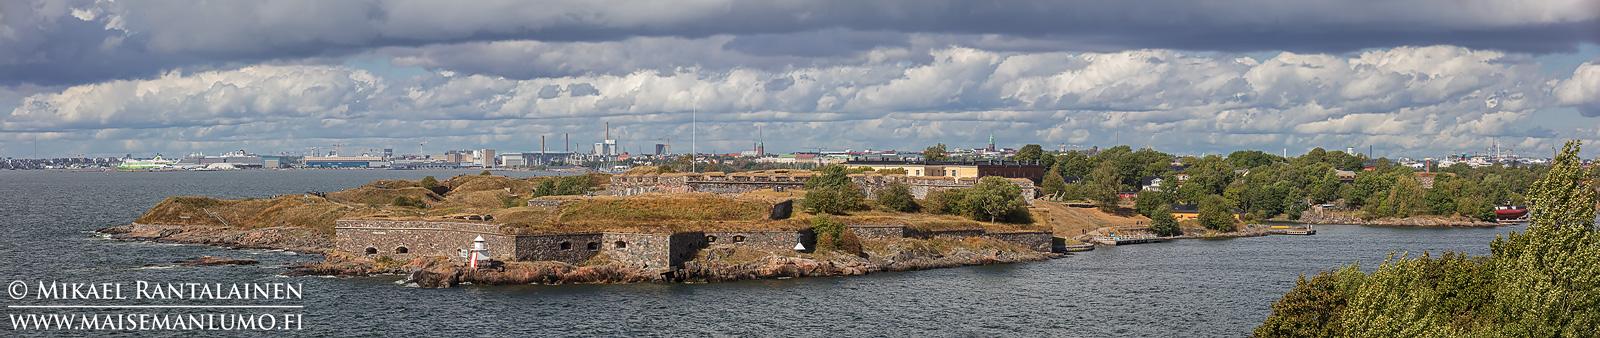 Suomenlinna panoraama Vallisaaresta, Helsinki (HP199)